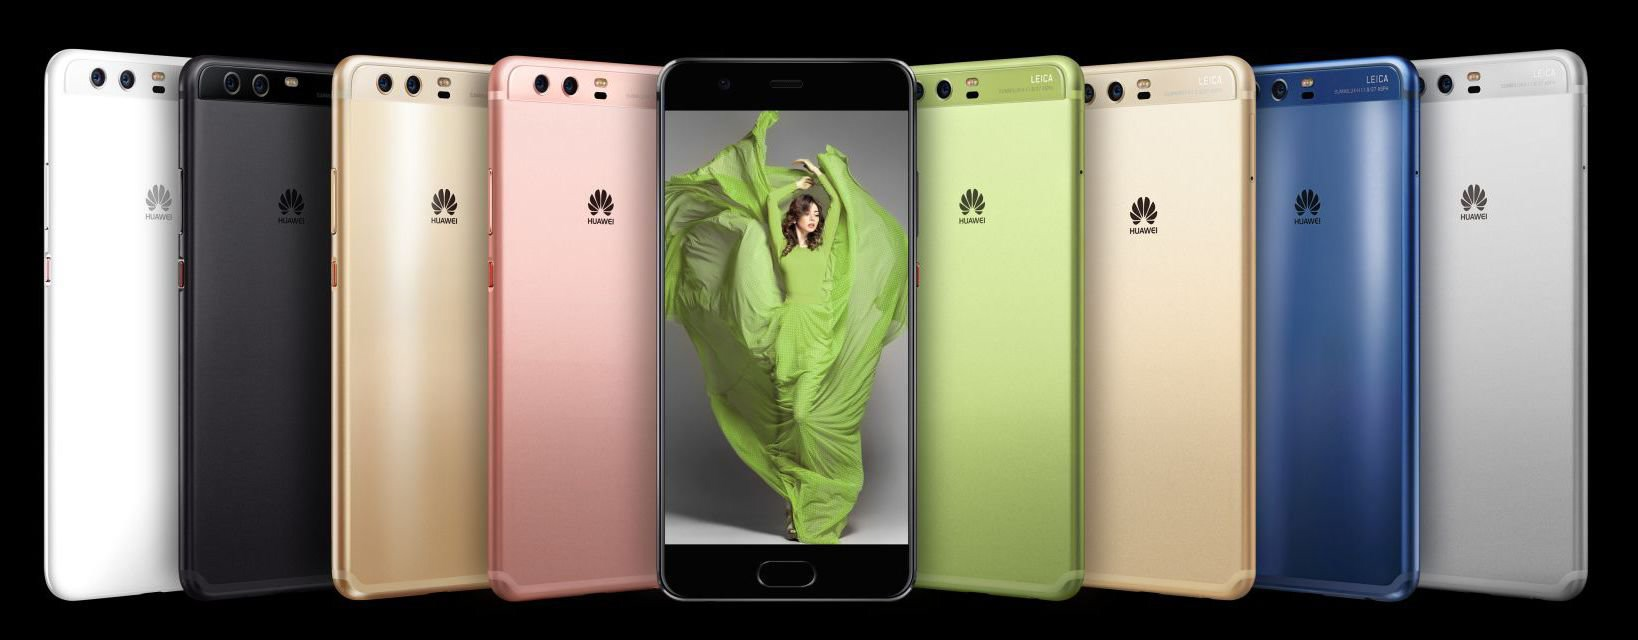 Huawei P9 vs Huawei P10 - Should You Upgrade? - Techalphas